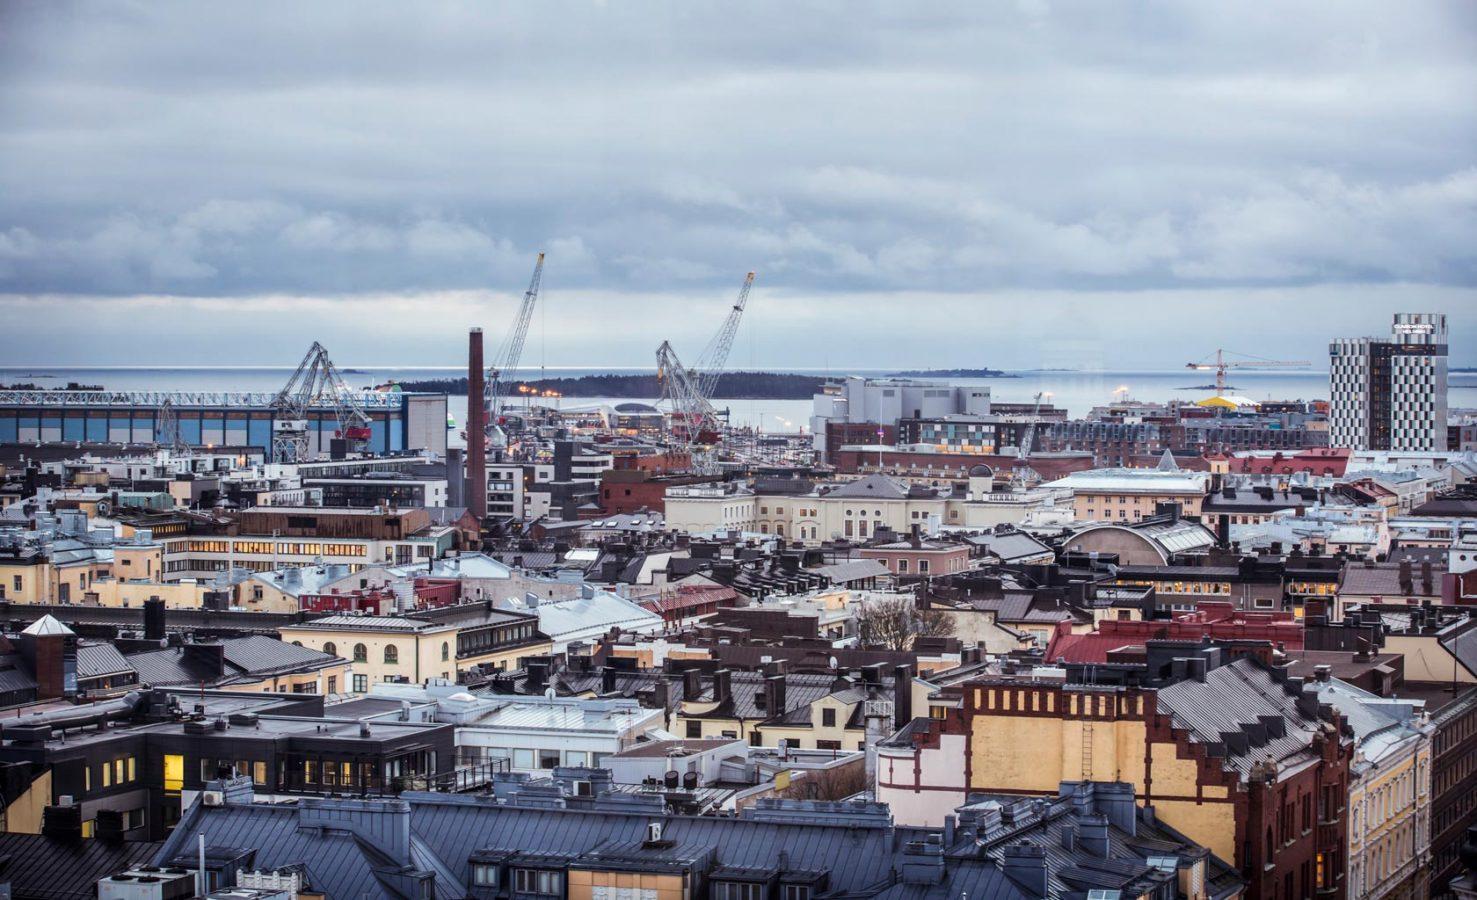 Ilmakuva: Länsisatama, Jätkäsaari, Punavuori. Helsinki Marketing / Elise Kulmala